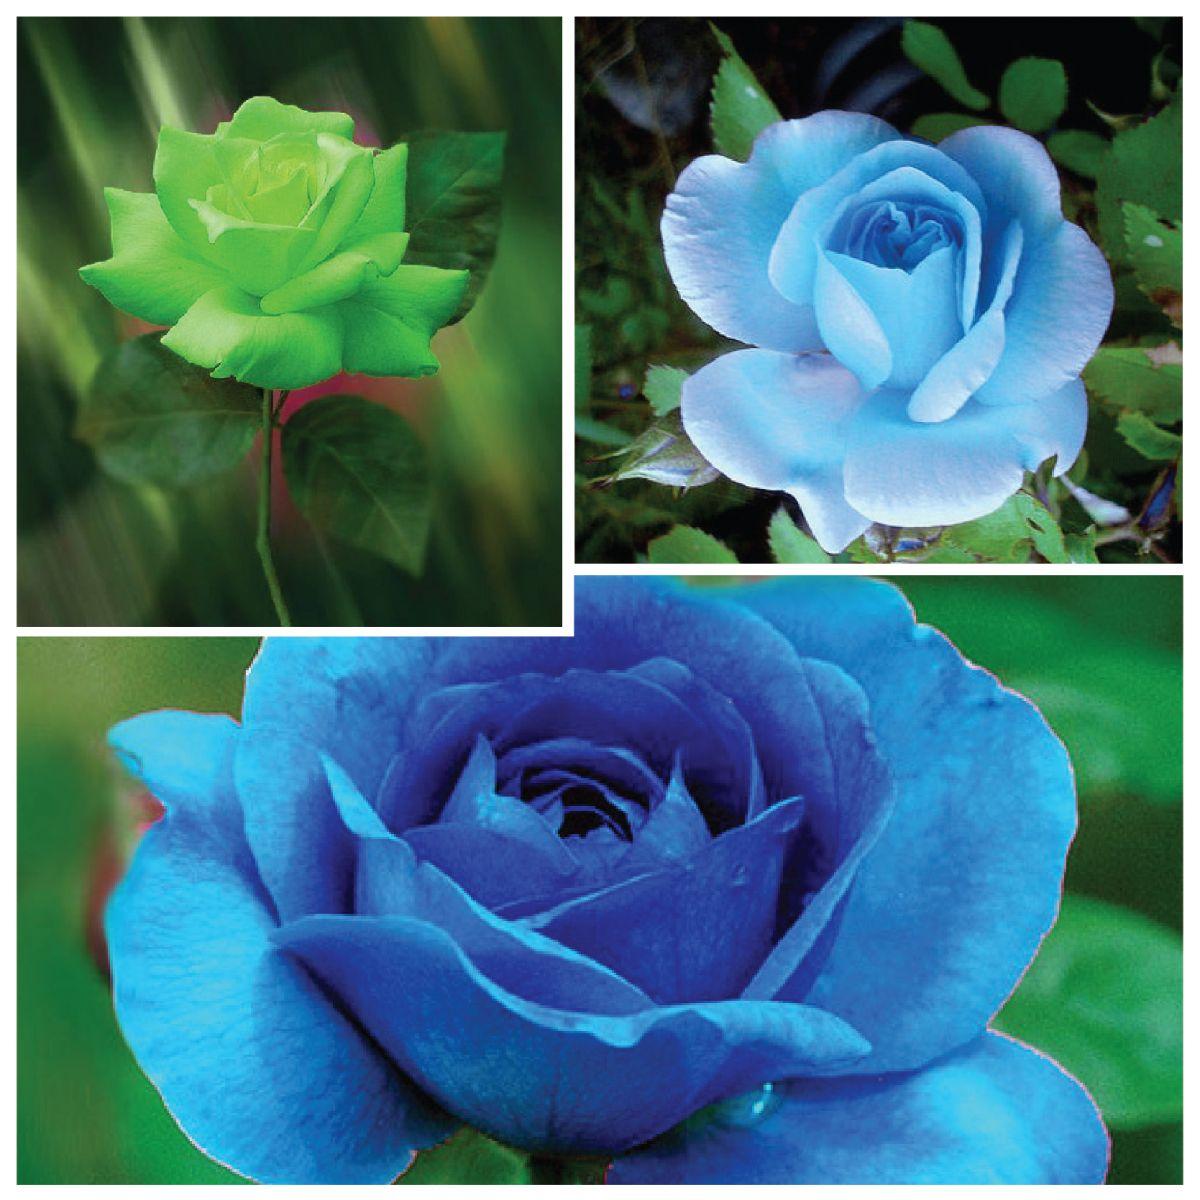 Hình ảnh ba hình bông hoa hồng xanh